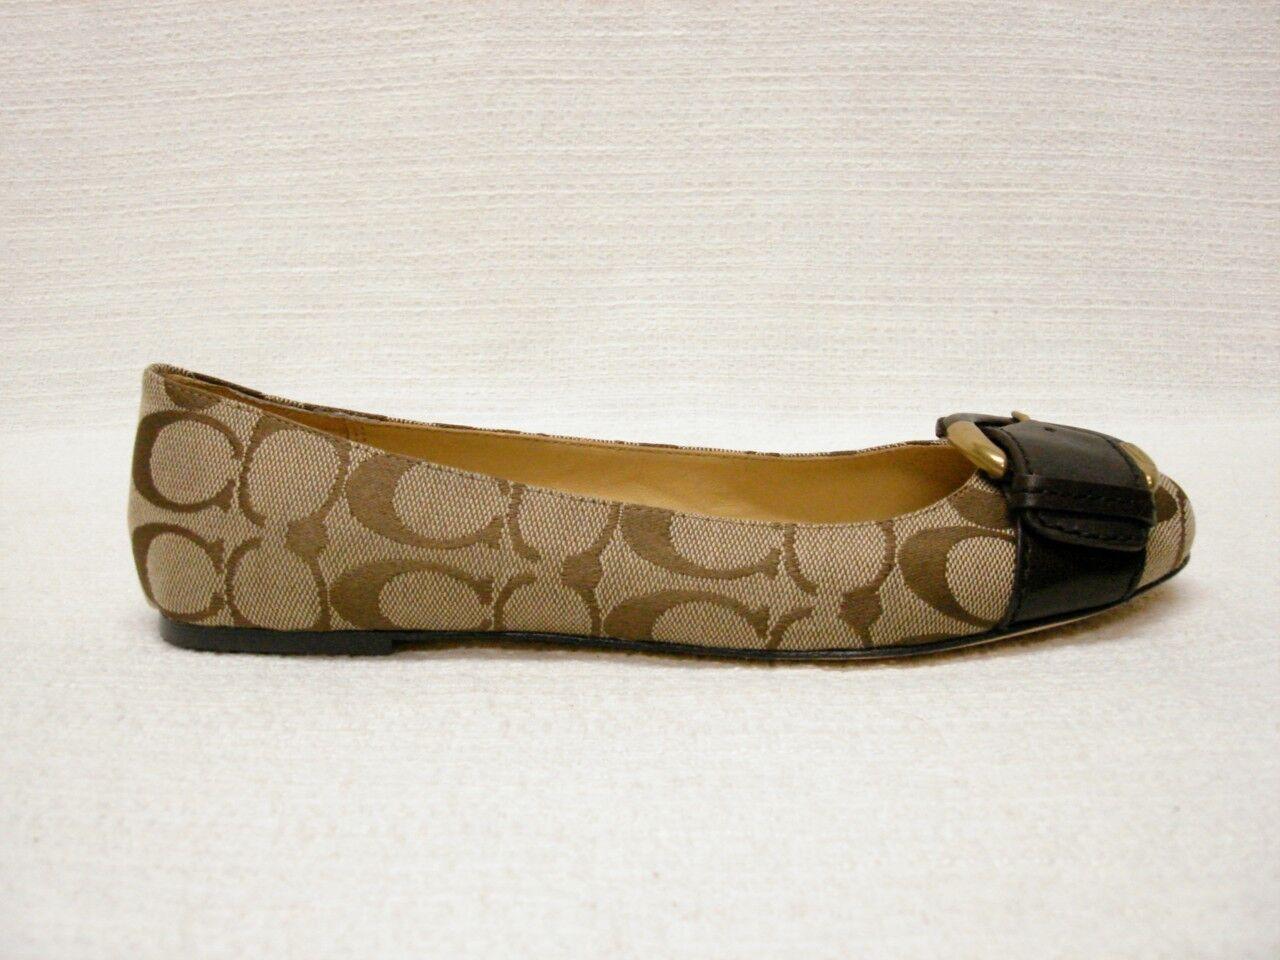 168 Nuevo en Caja entrenador firma Amelia Caqui Jacquard Zapatos sin Taco Hebilla de acento 6 M  100% a estrenar con calidad original.